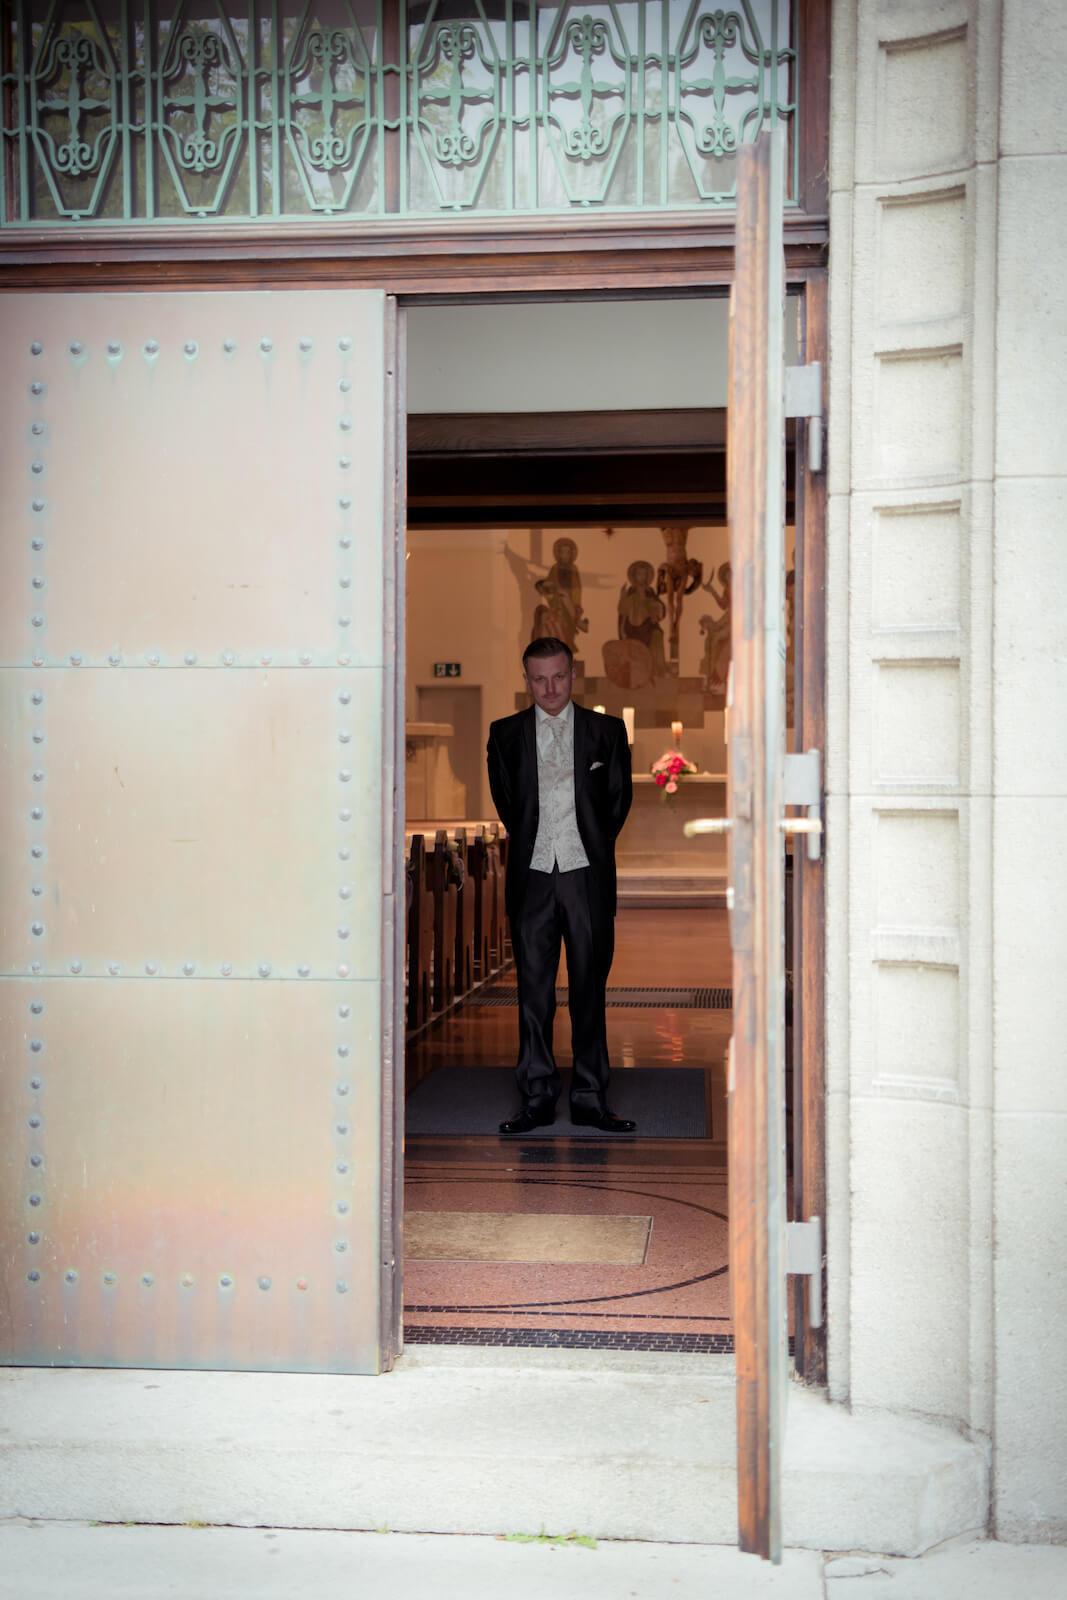 kirchliche Trauung in Landsberg - Bräutigam steht erwartungsvoll im Eingang der Kirche